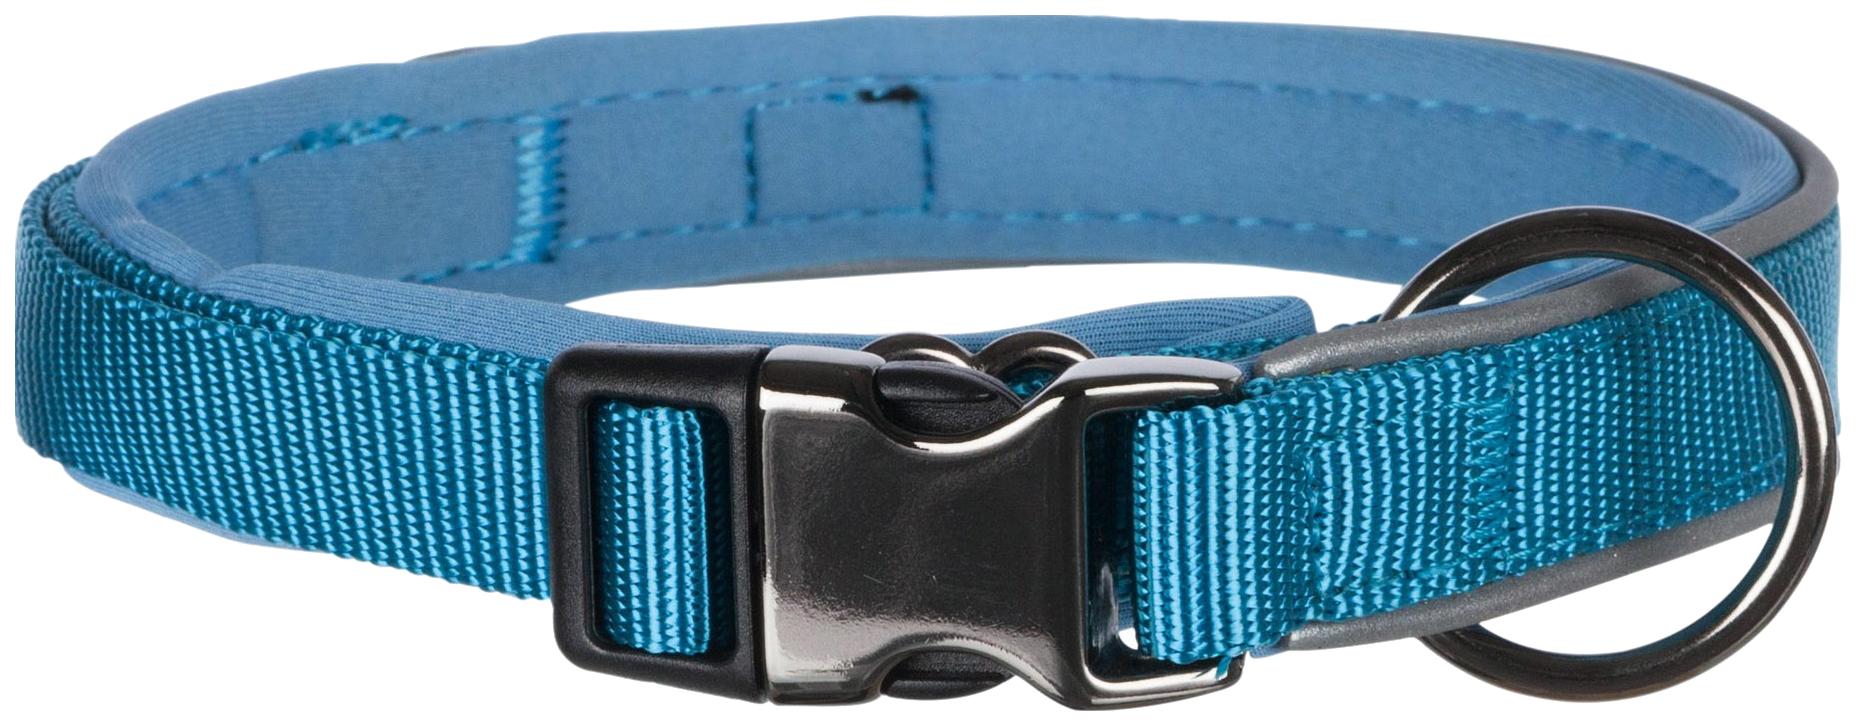 Ошейник для собак Trixie Experience XL синий